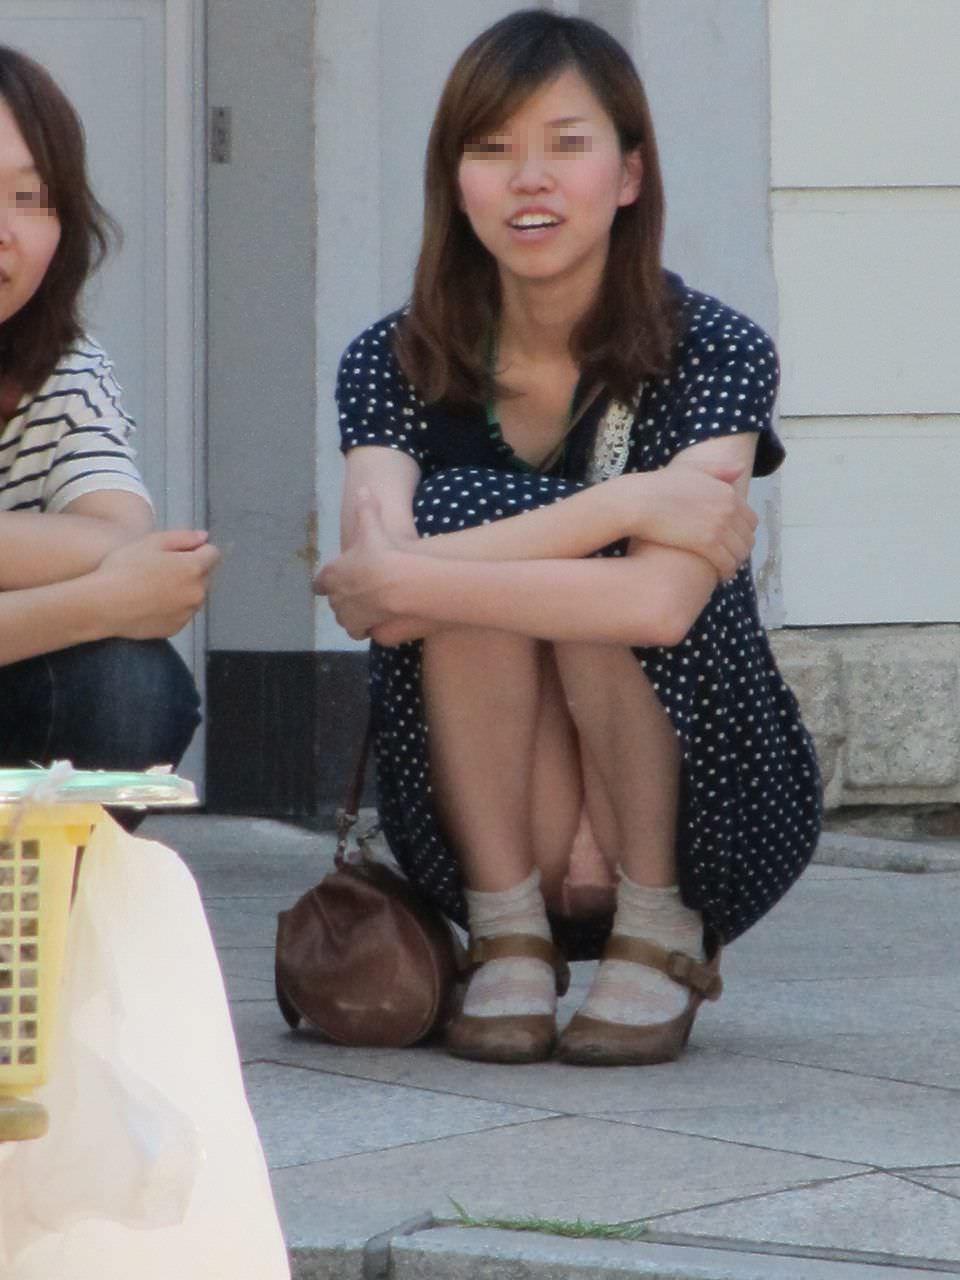 スカートでしゃがみパンチラしてる素人娘のエロ画像 2673